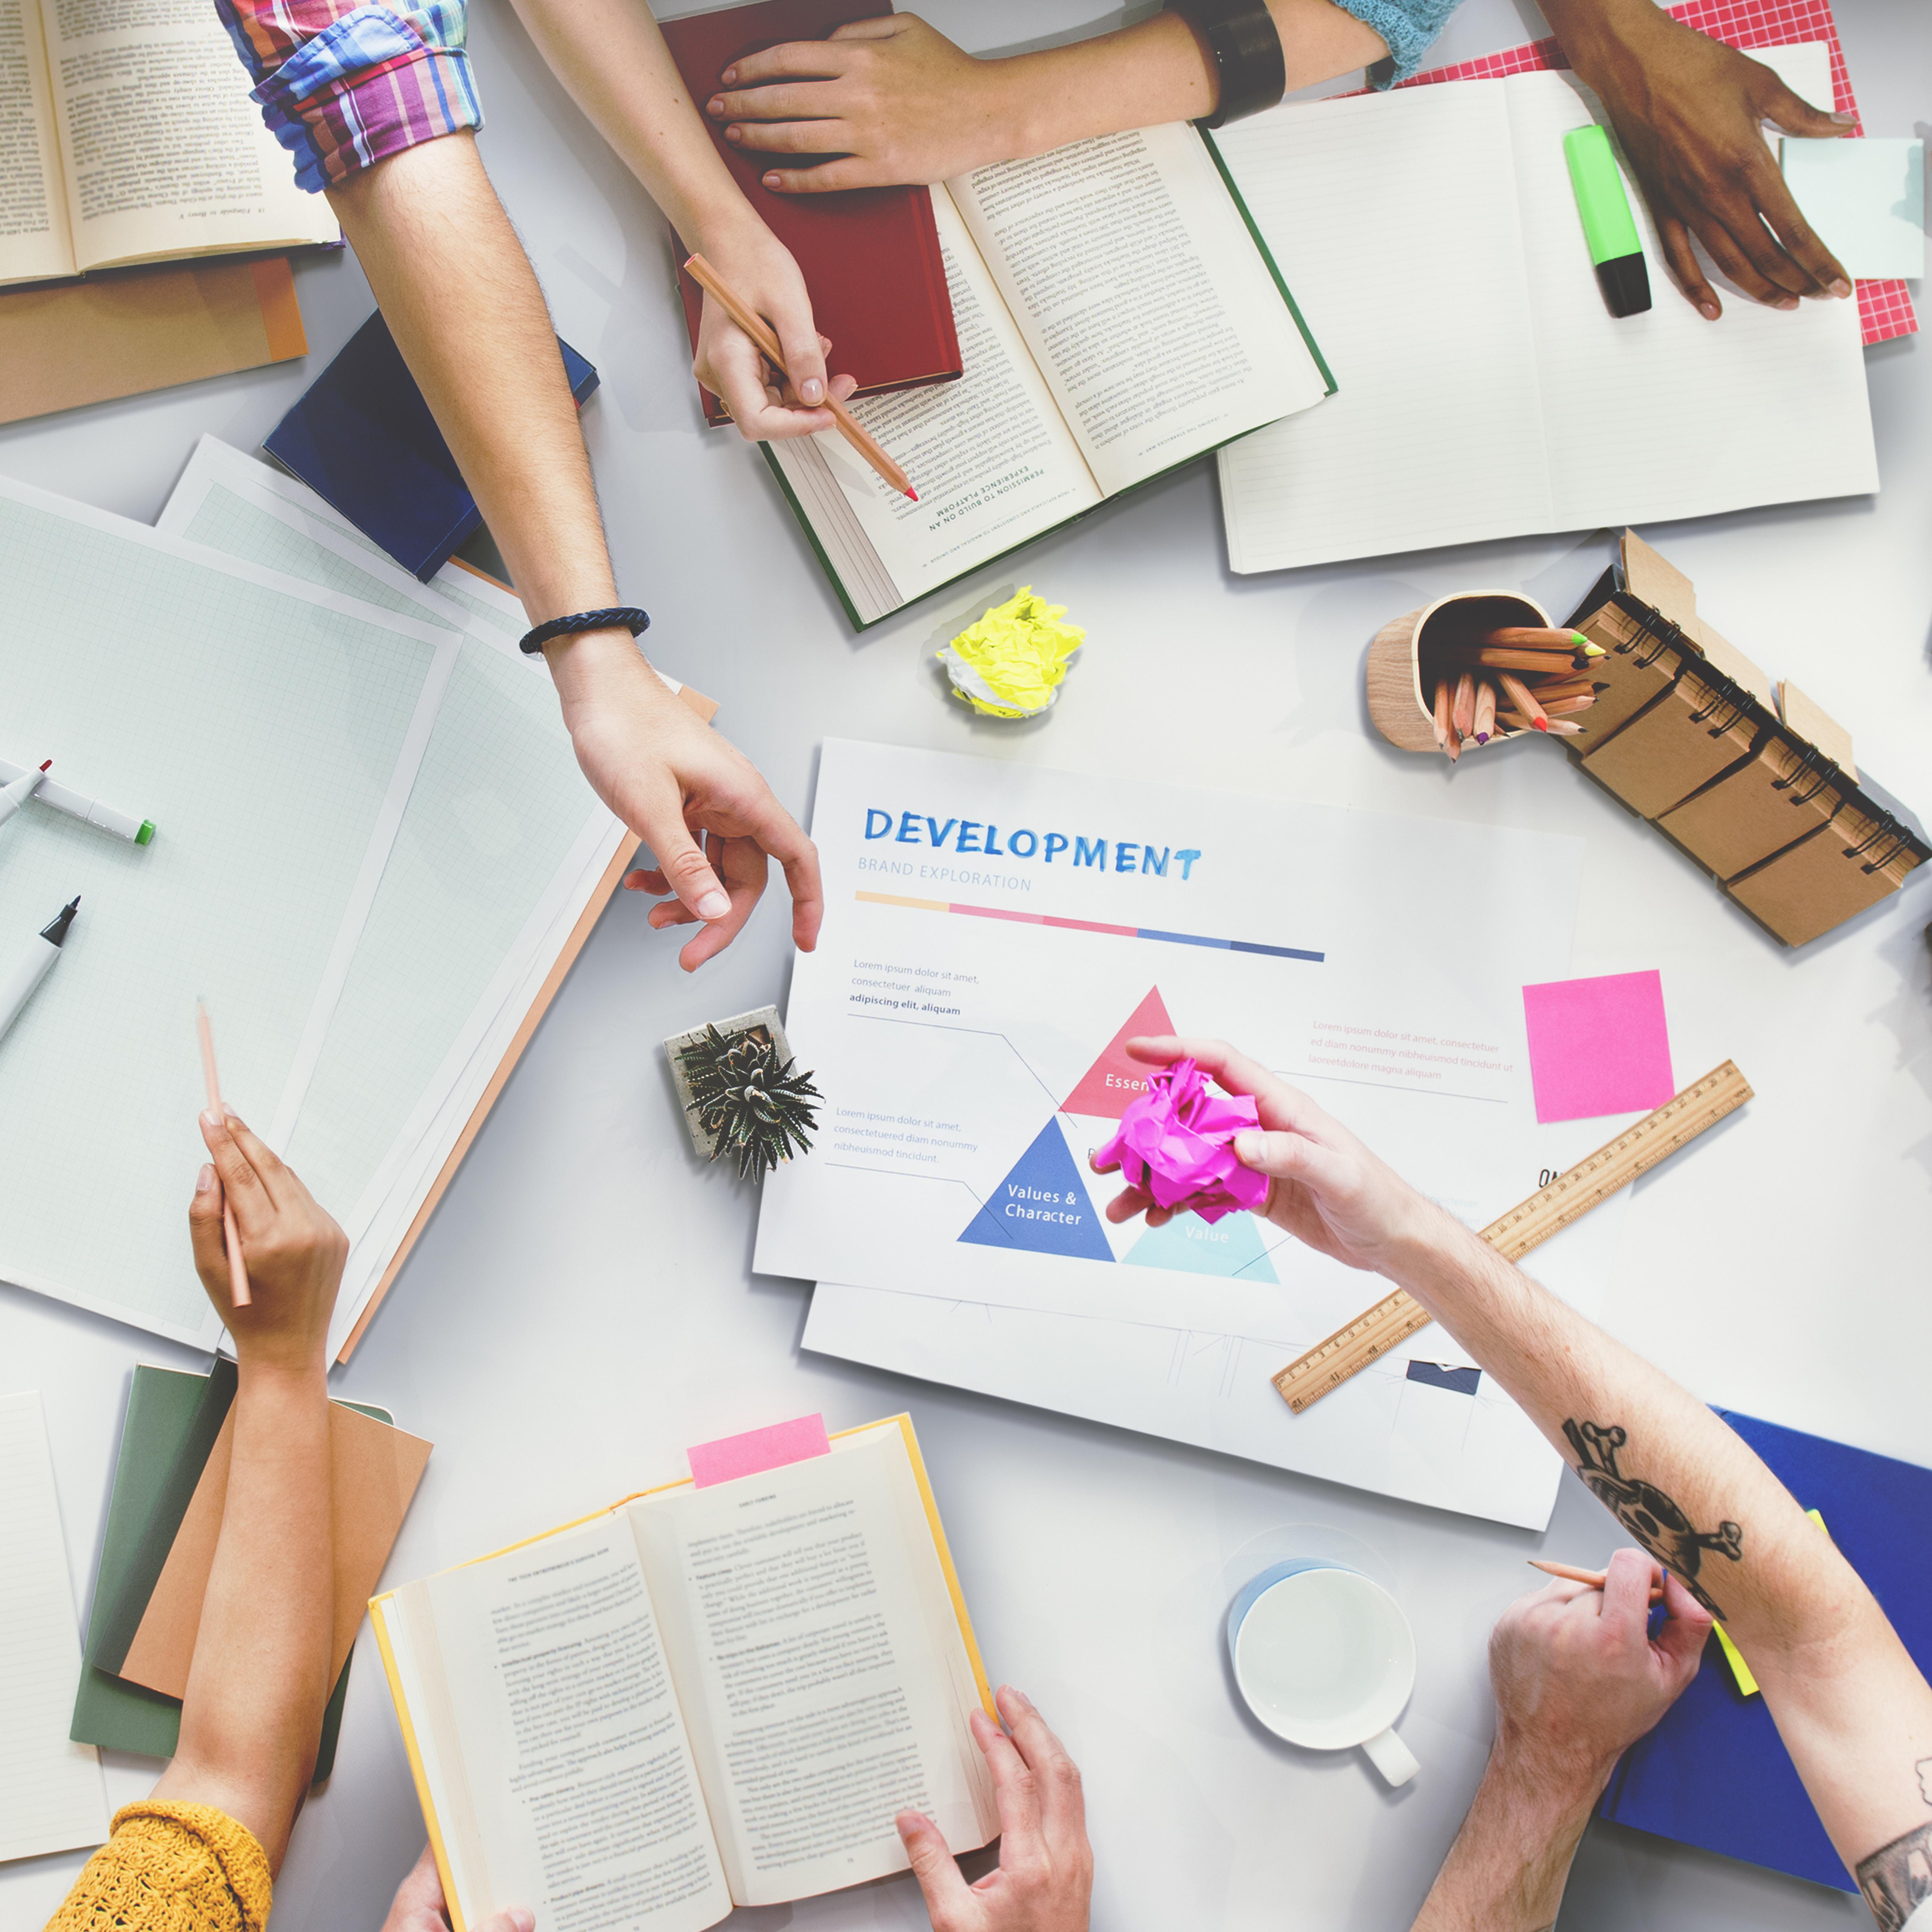 Môi trường học và áp dụng BIM lý tưởng, được chia sẻ case study thực tế